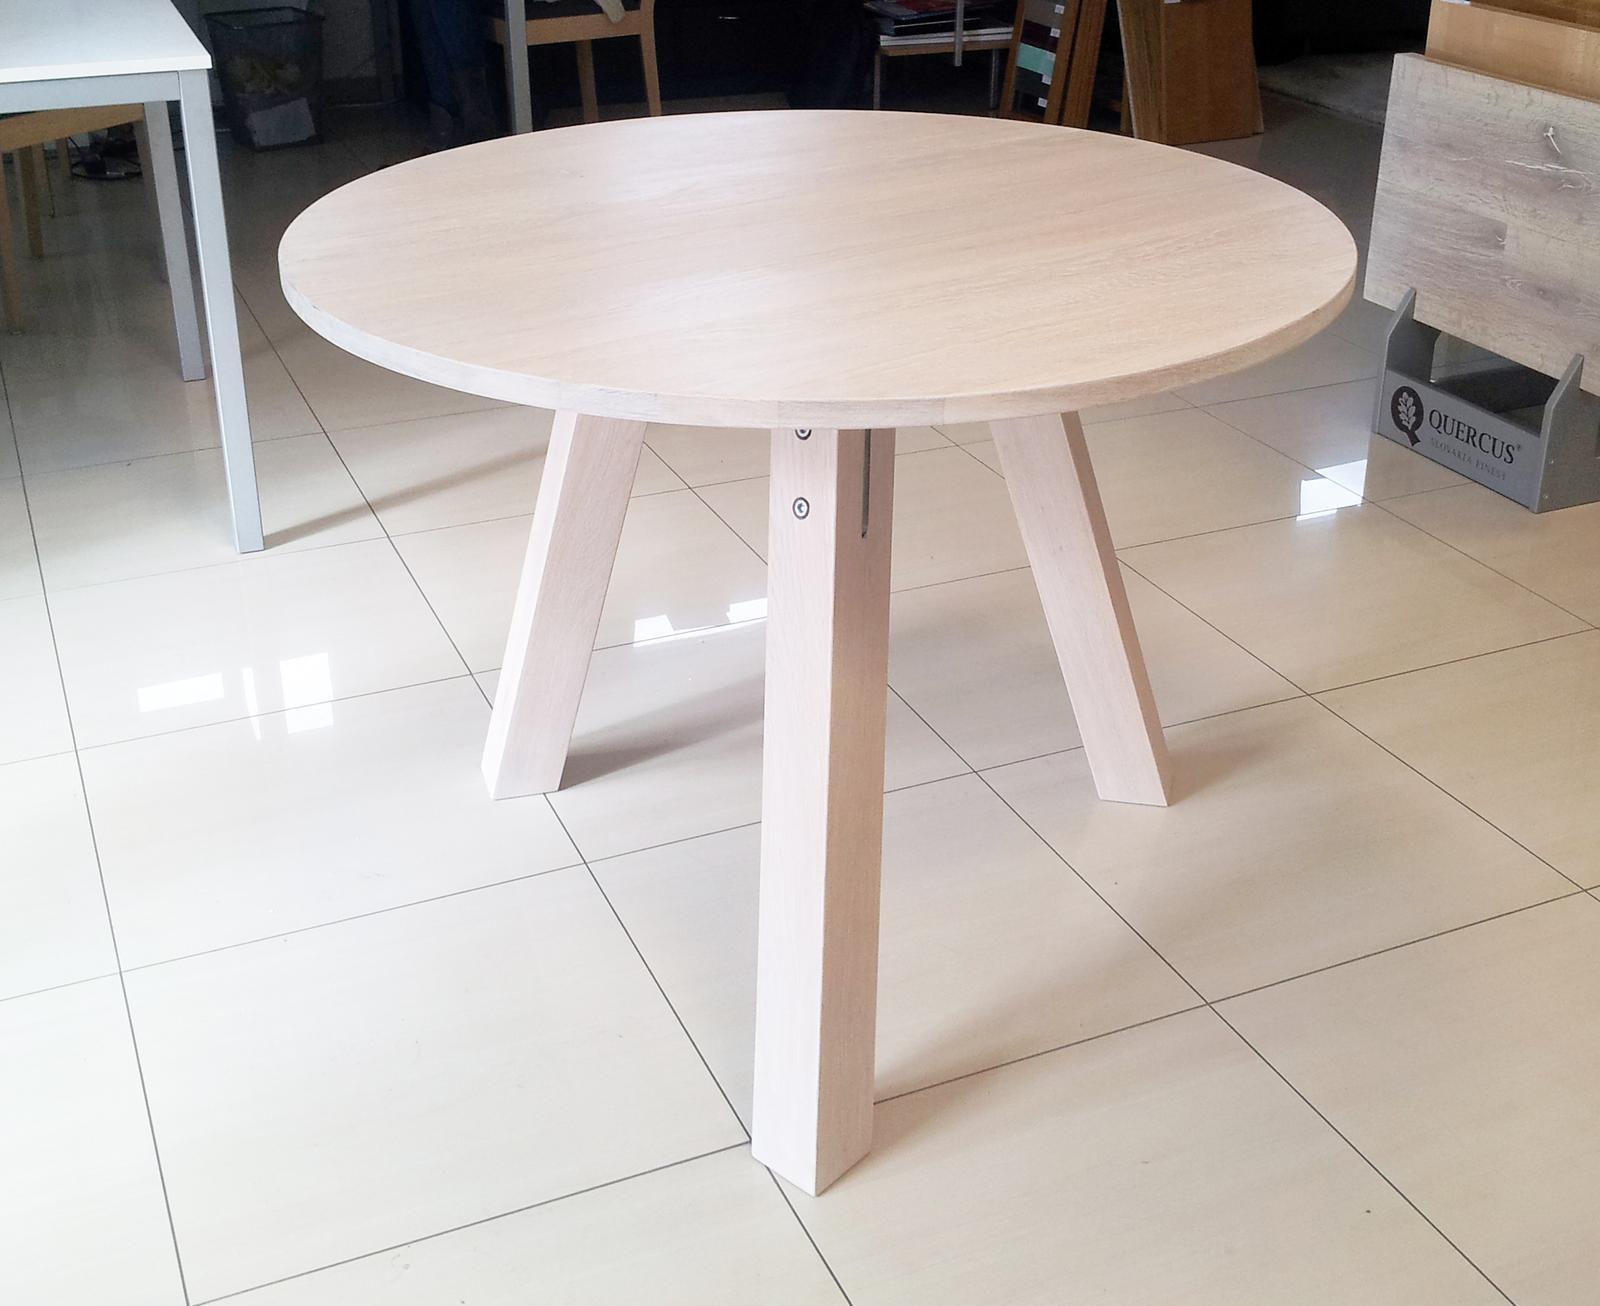 Dizajn a výroba nábytku na mieru Cubica - Okrúhly jedálenský stôl - masívny bielený dub - dizajn a výroba cubica